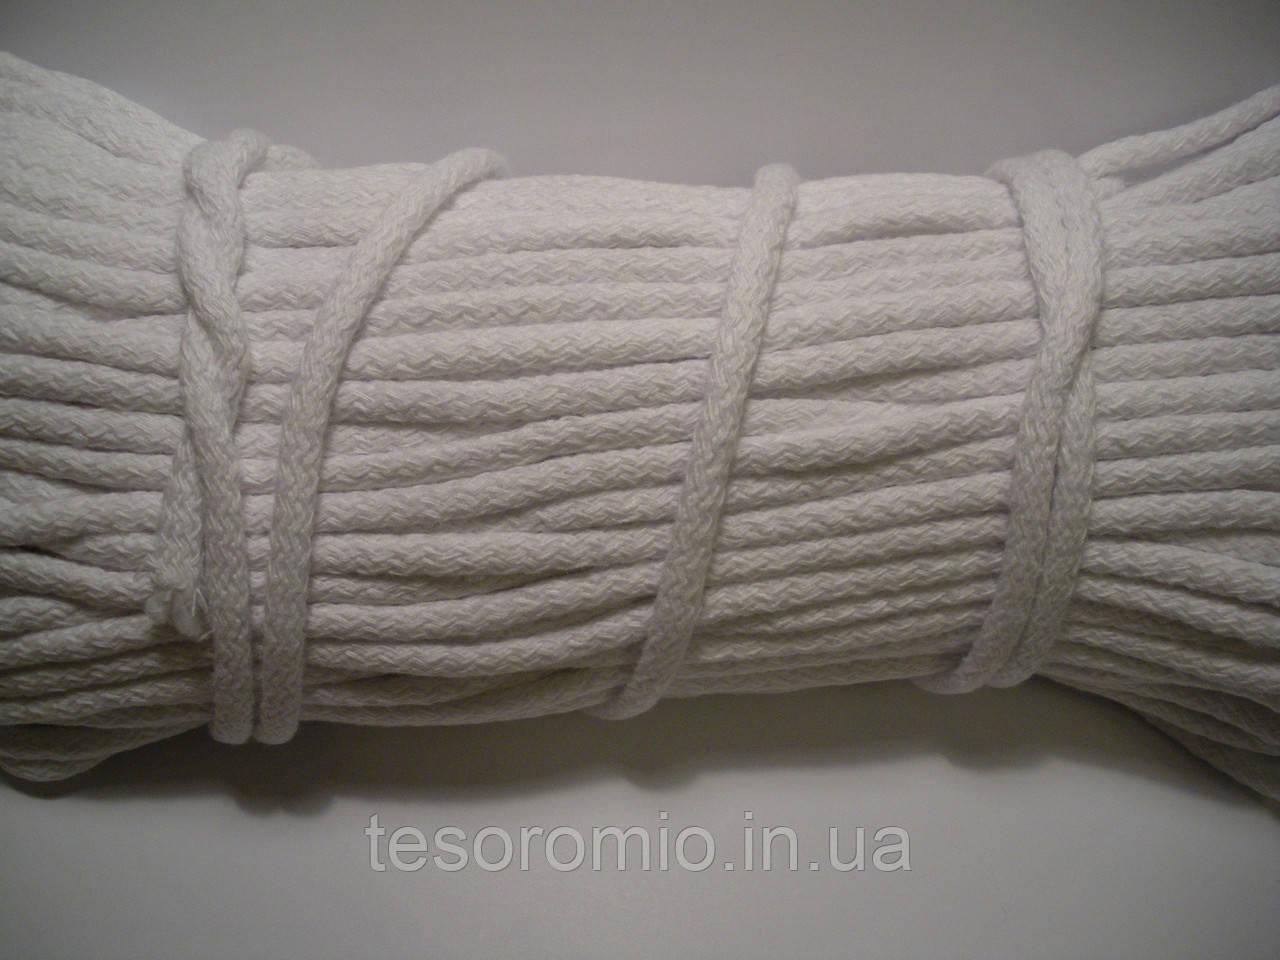 Шнур для одягу бавовняний діаметр 6мм білий